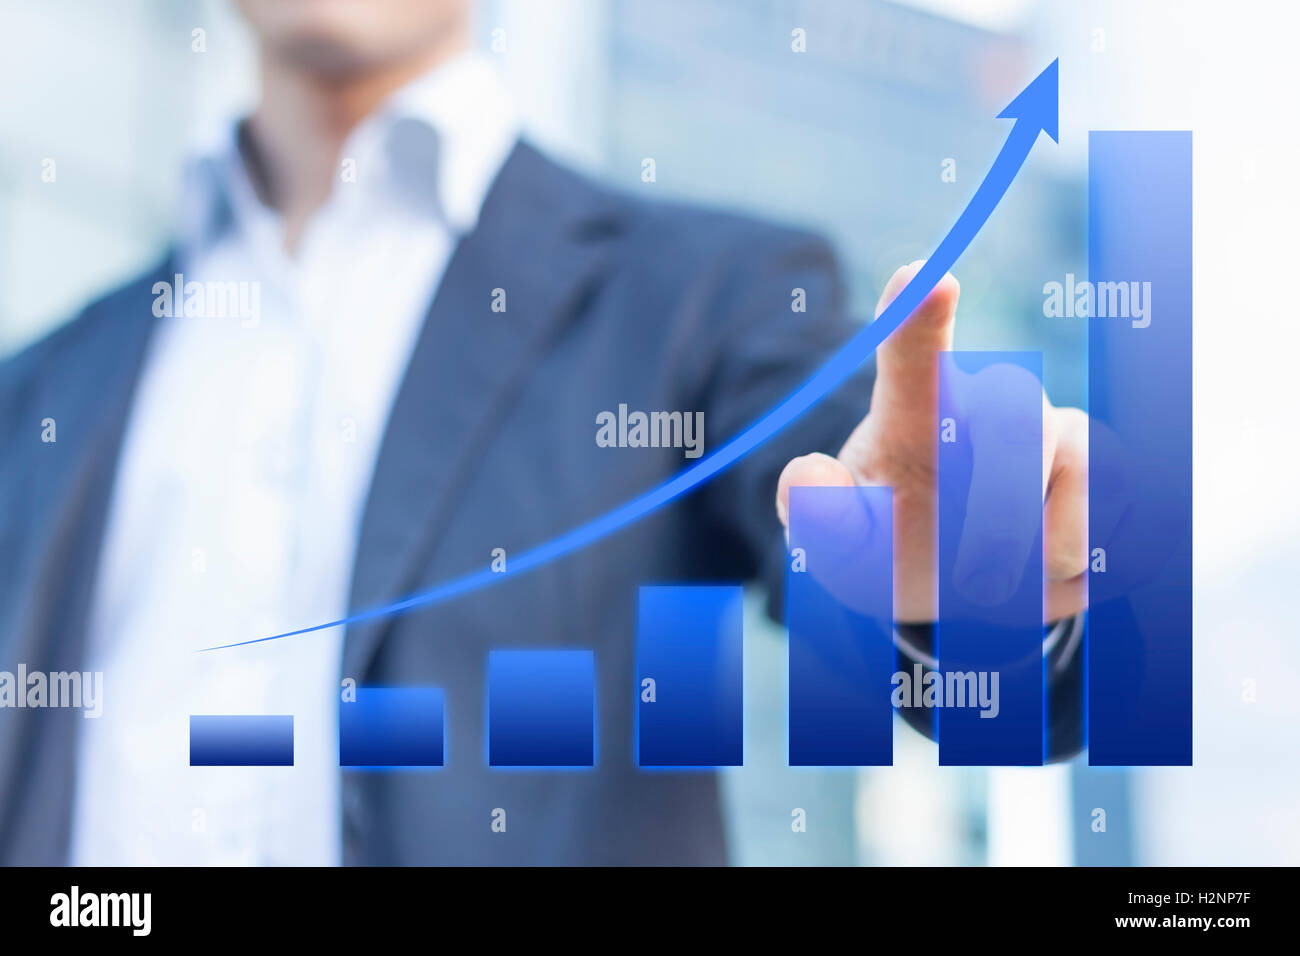 Consultor de negocios presentando una carta azul sobre el crecimiento de los mercados, con edificios de oficinas Imagen De Stock